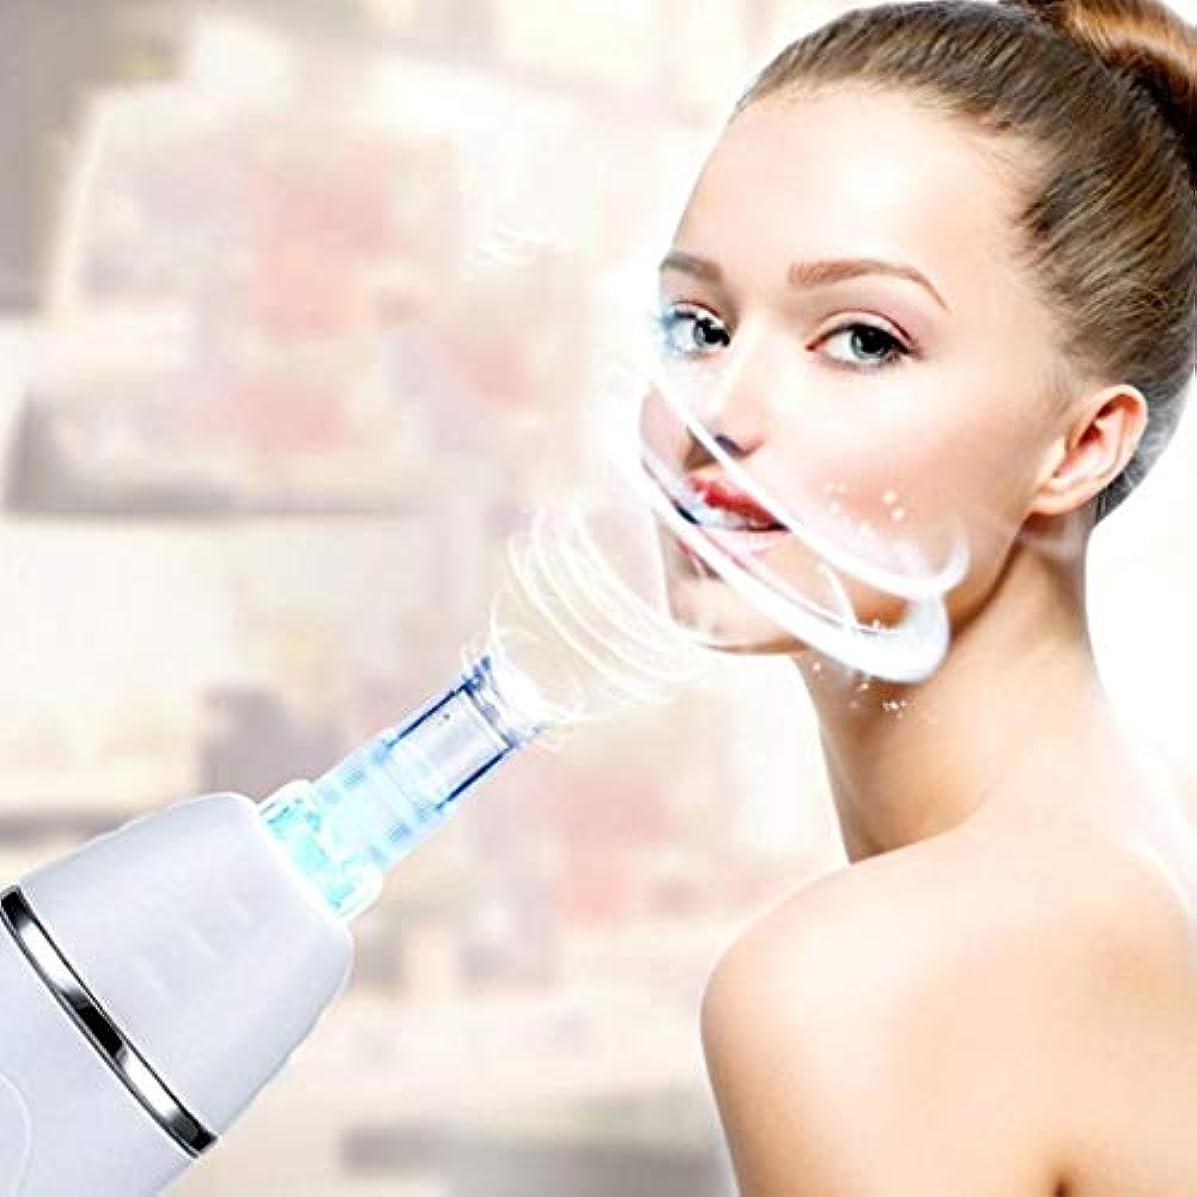 極めて圧倒的なんとなく美容機器、顔にきび毛穴クリーナー、にきびの除去、しわ、メラニンの沈殿を減らす